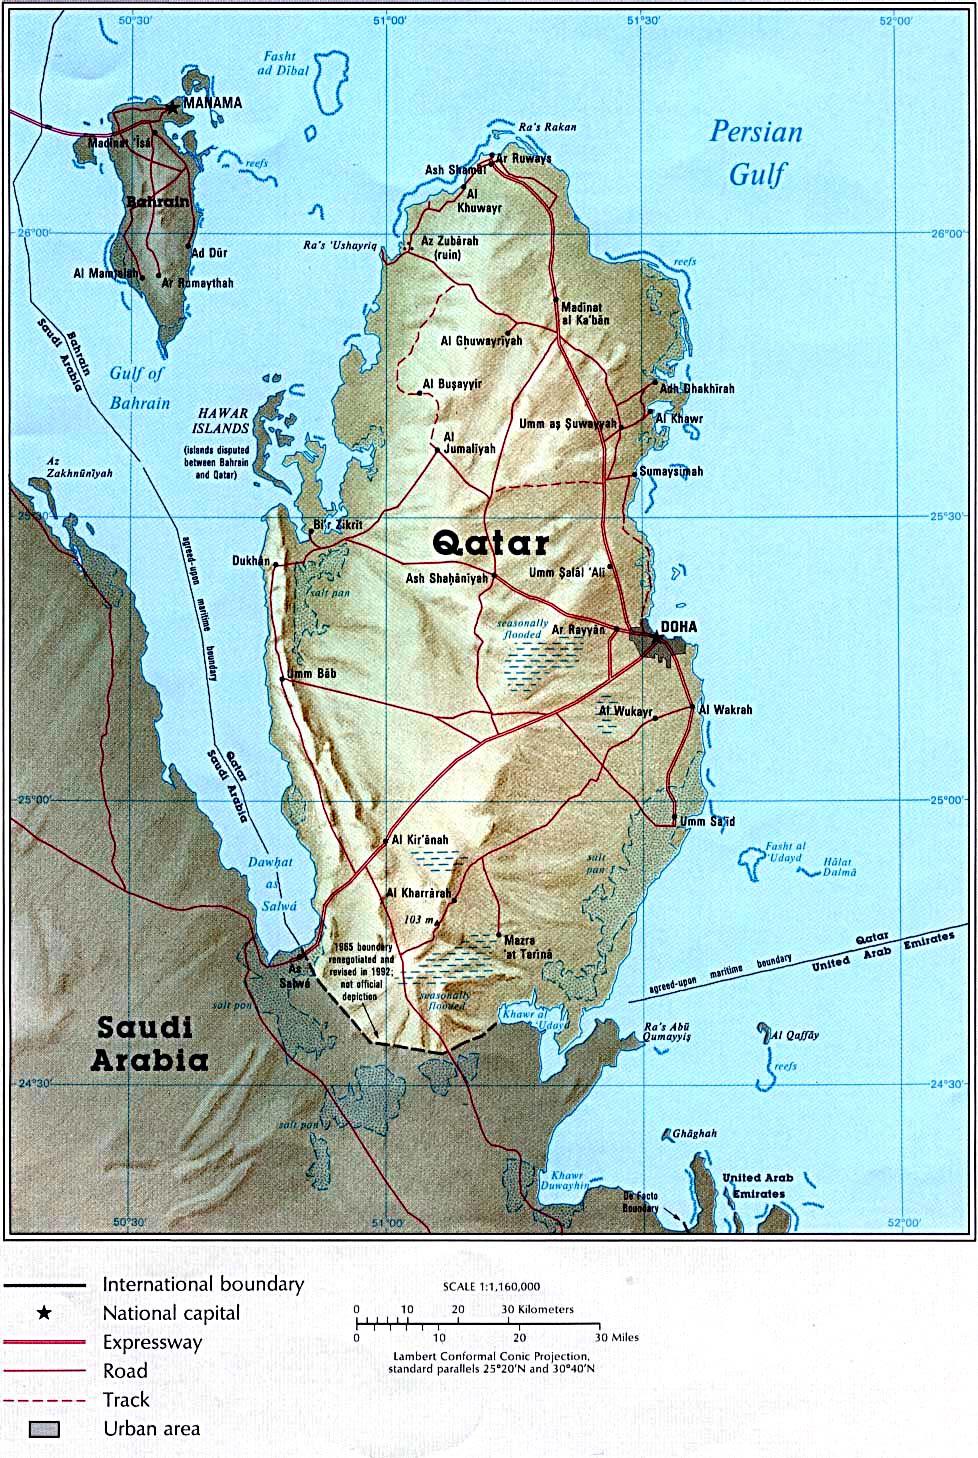 Qatar - Maps - ecoi.net